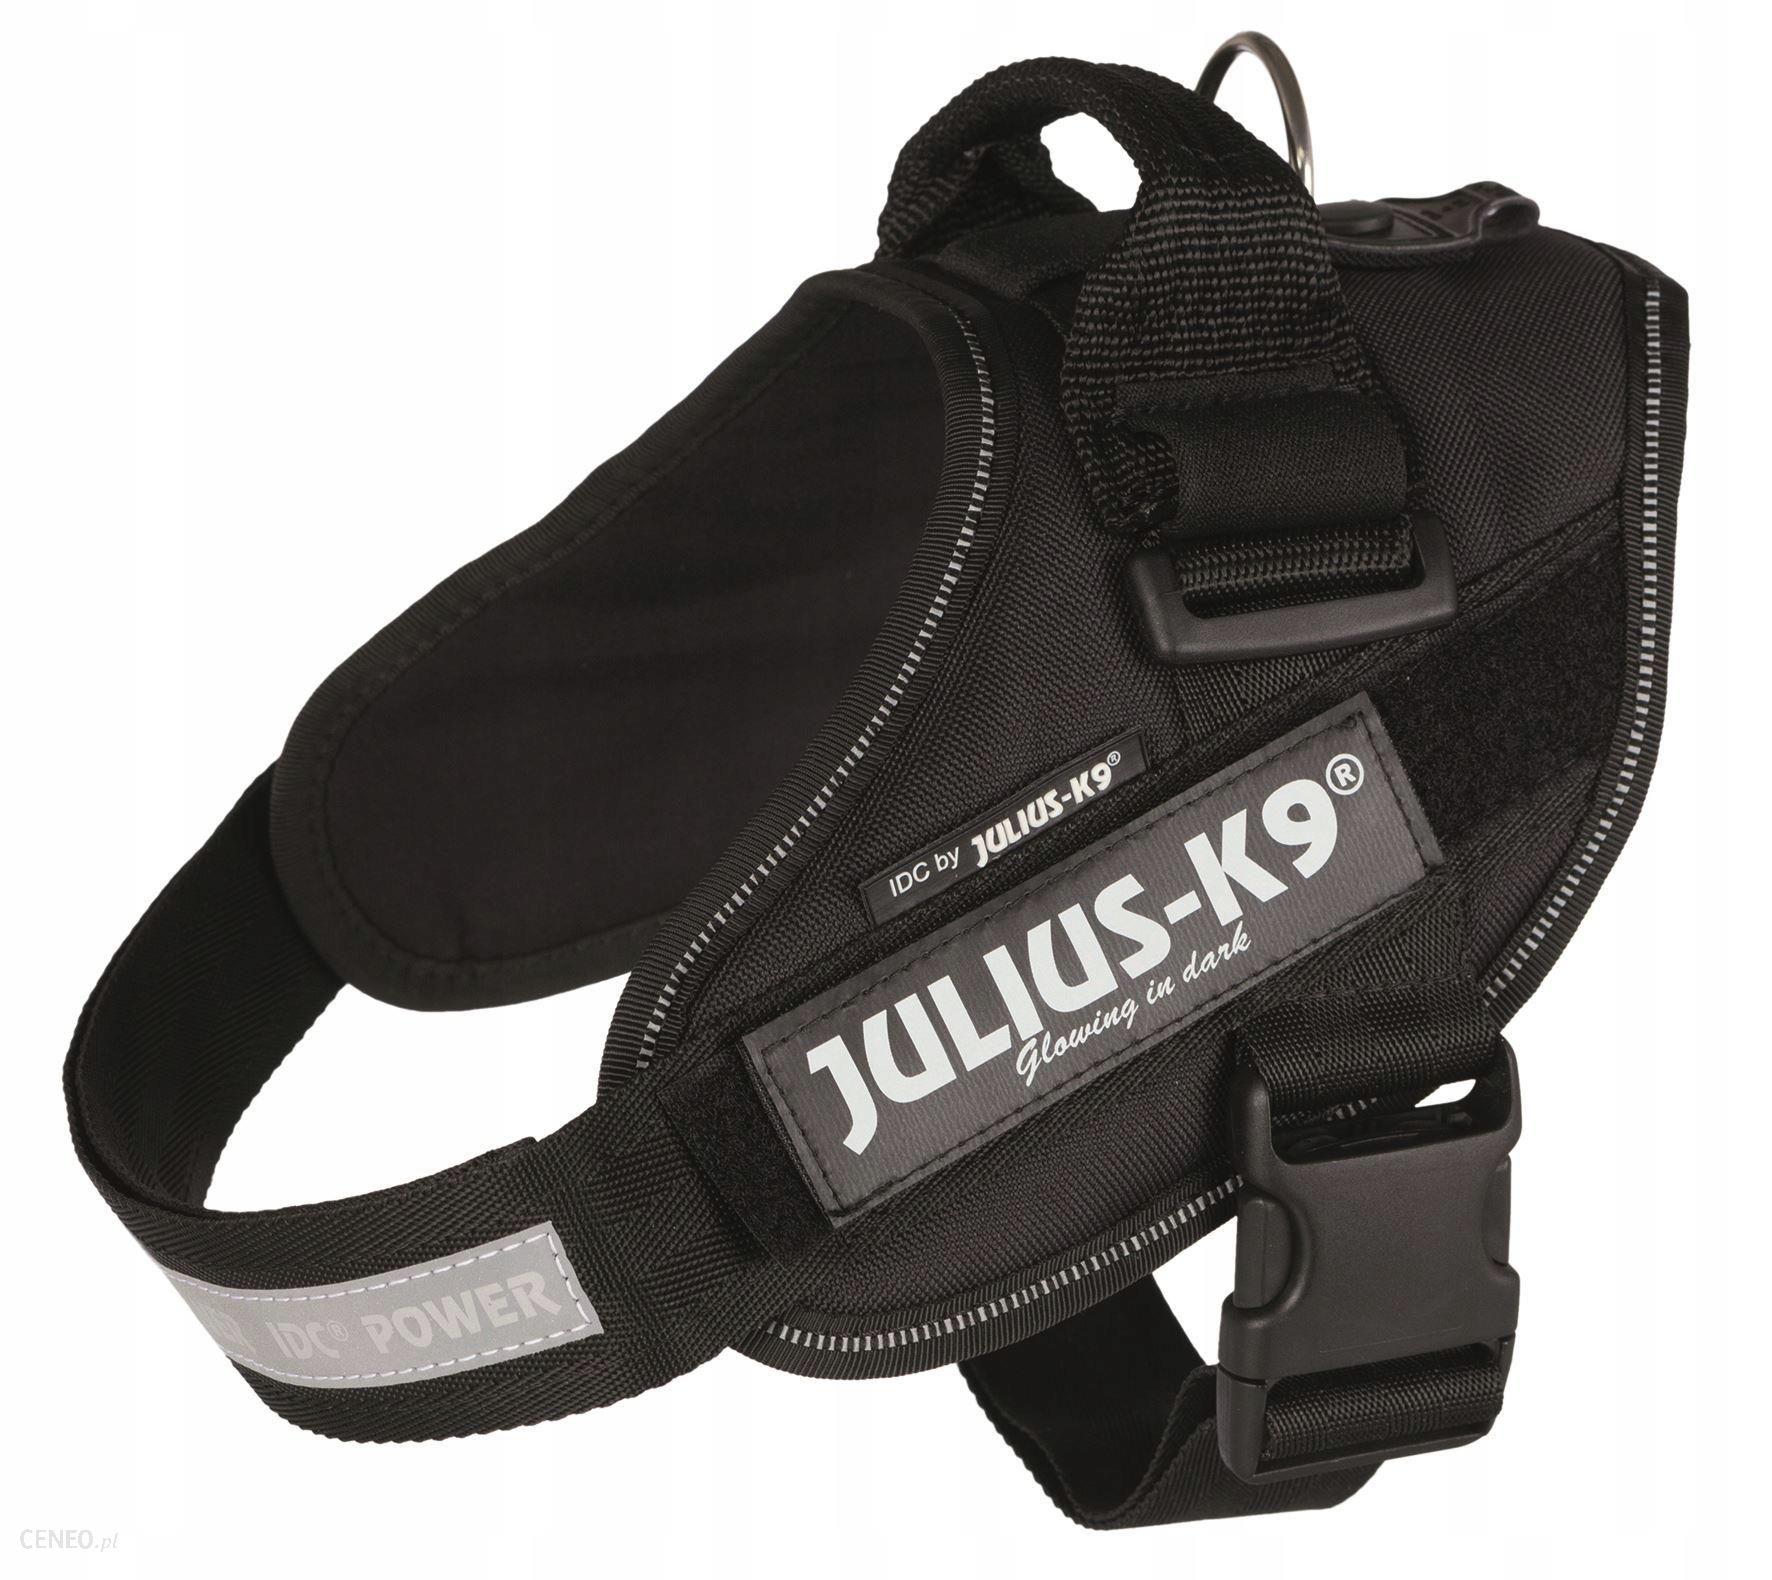 Julius-K9 Szelki Dla Psa Idc Power Black - Rozm. 0 (476998)